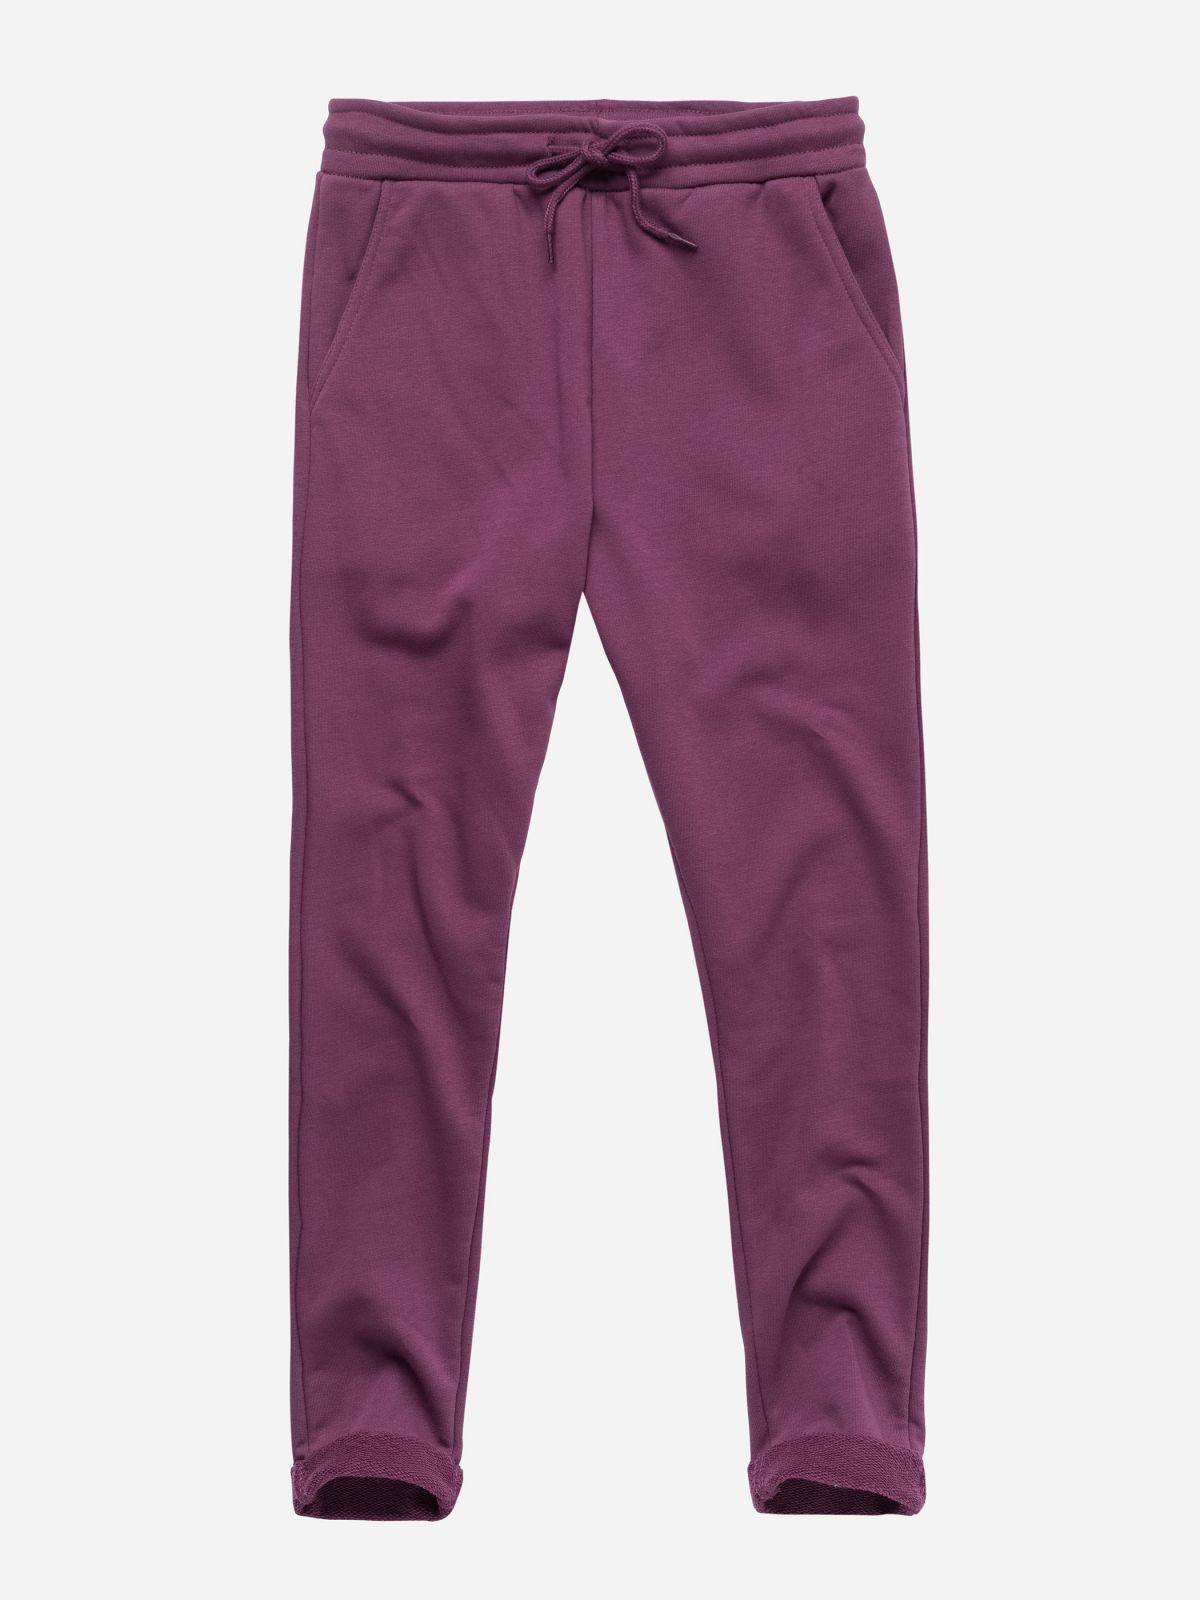 מכנסי פוטר חלקים / בנותמכנסי פוטר חלקים / בנות של FOX